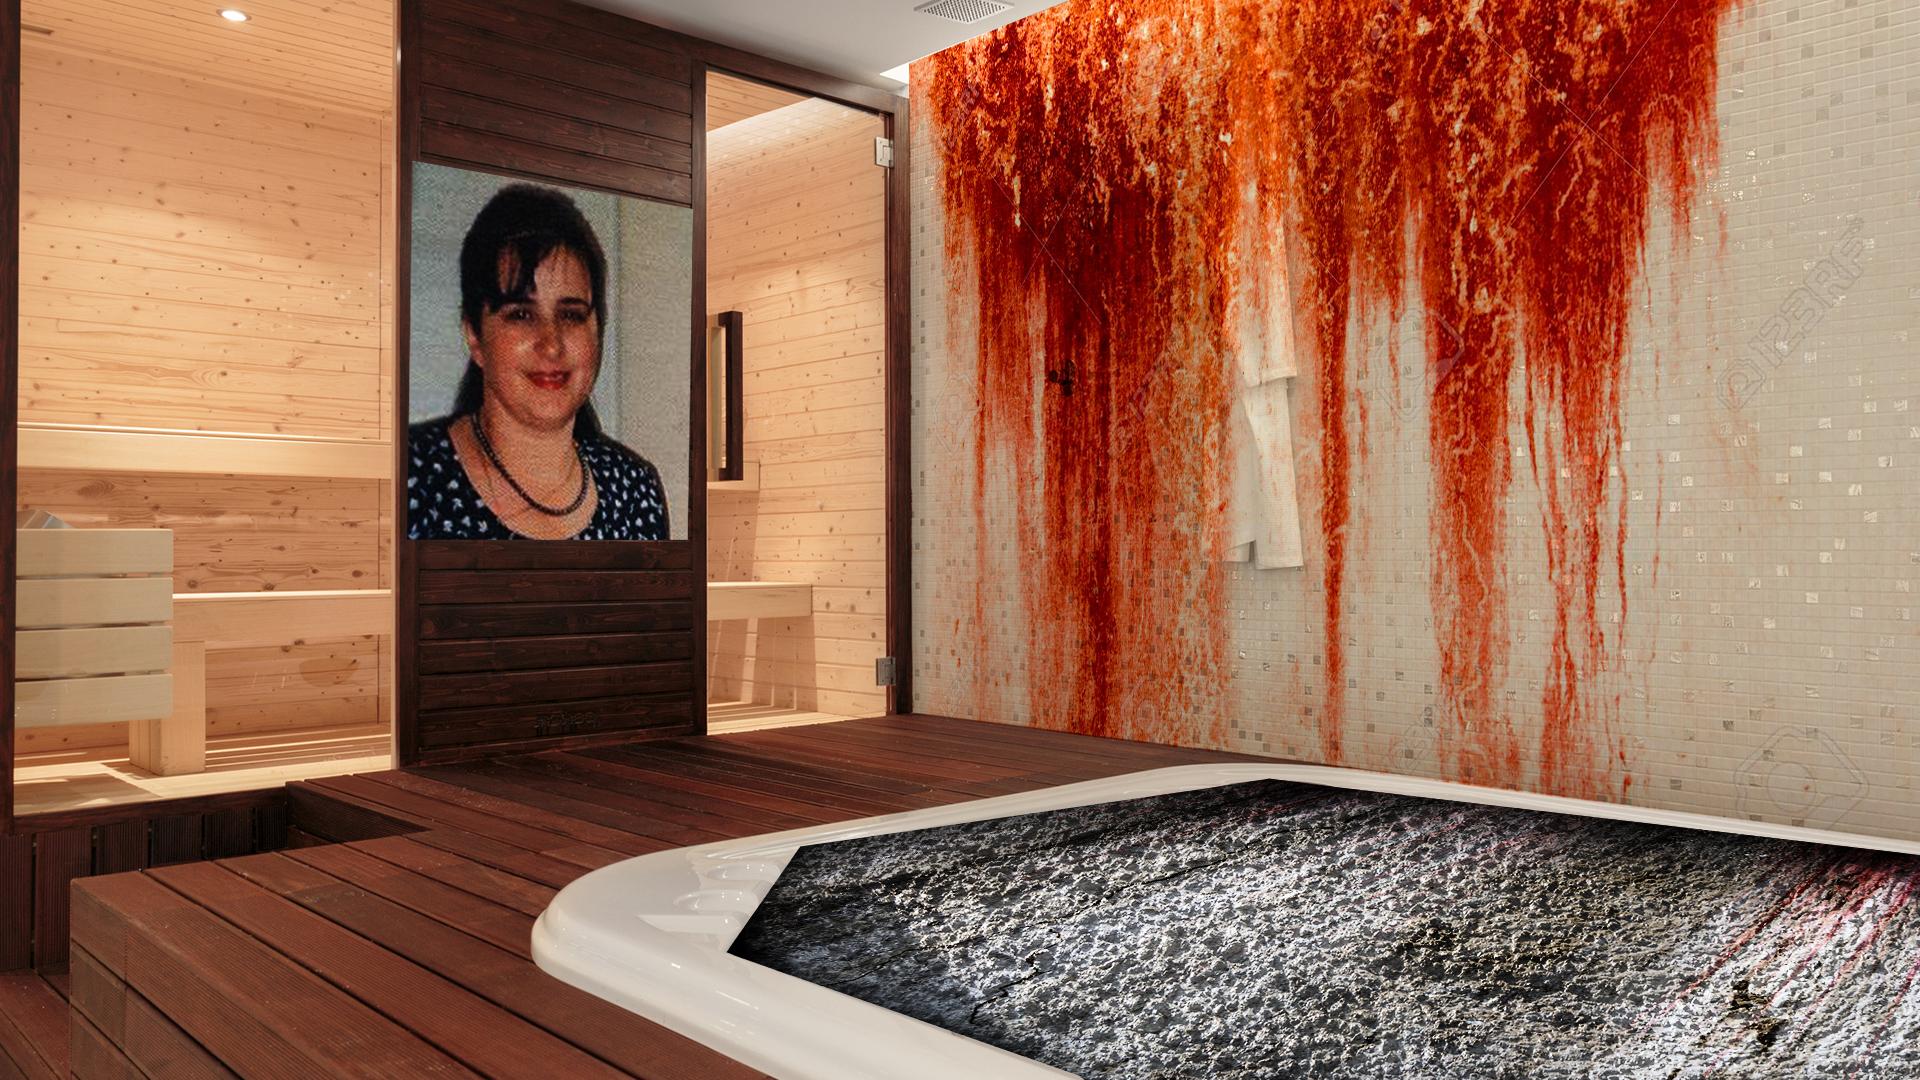 Η «γυναίκα με τα 1.000 πρόσωπα»: Σκότωσε και τσιμέντωσε στο τζακούζι του σπιτιού της Έλληνα επιχειρηματία